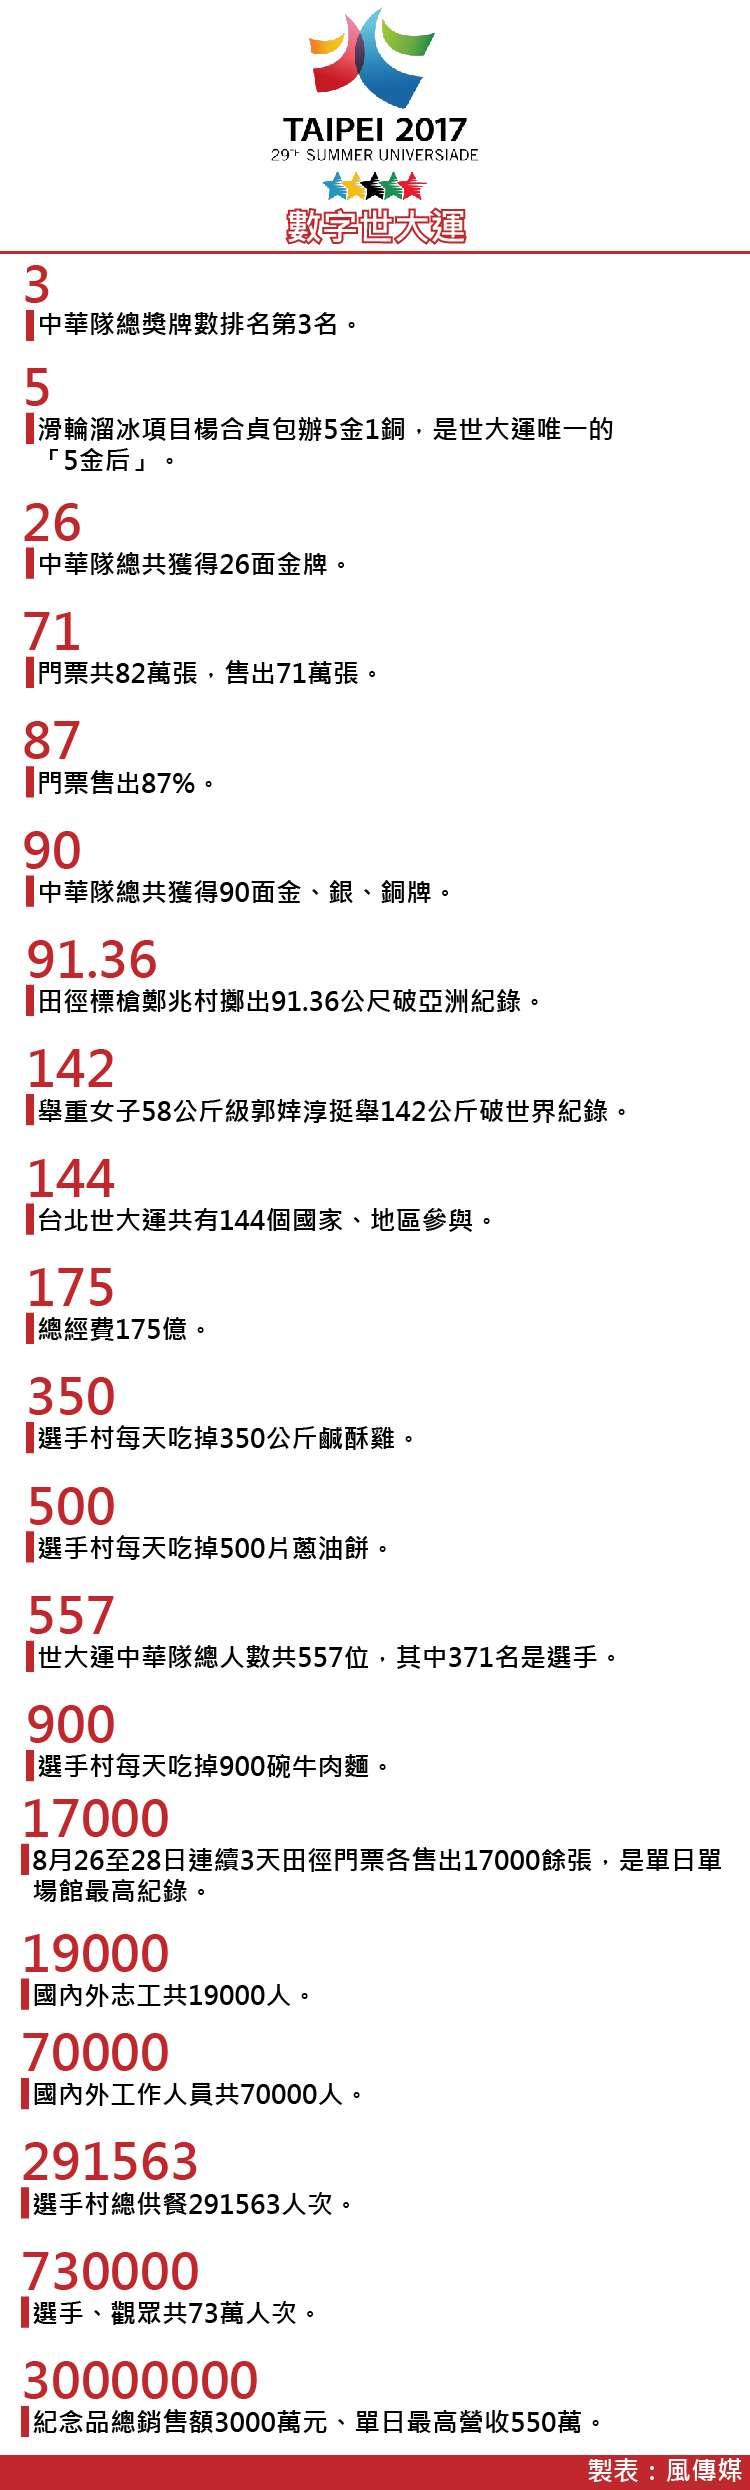 20170830-SMG0035-世大運表格-數字世大運-01.jpg